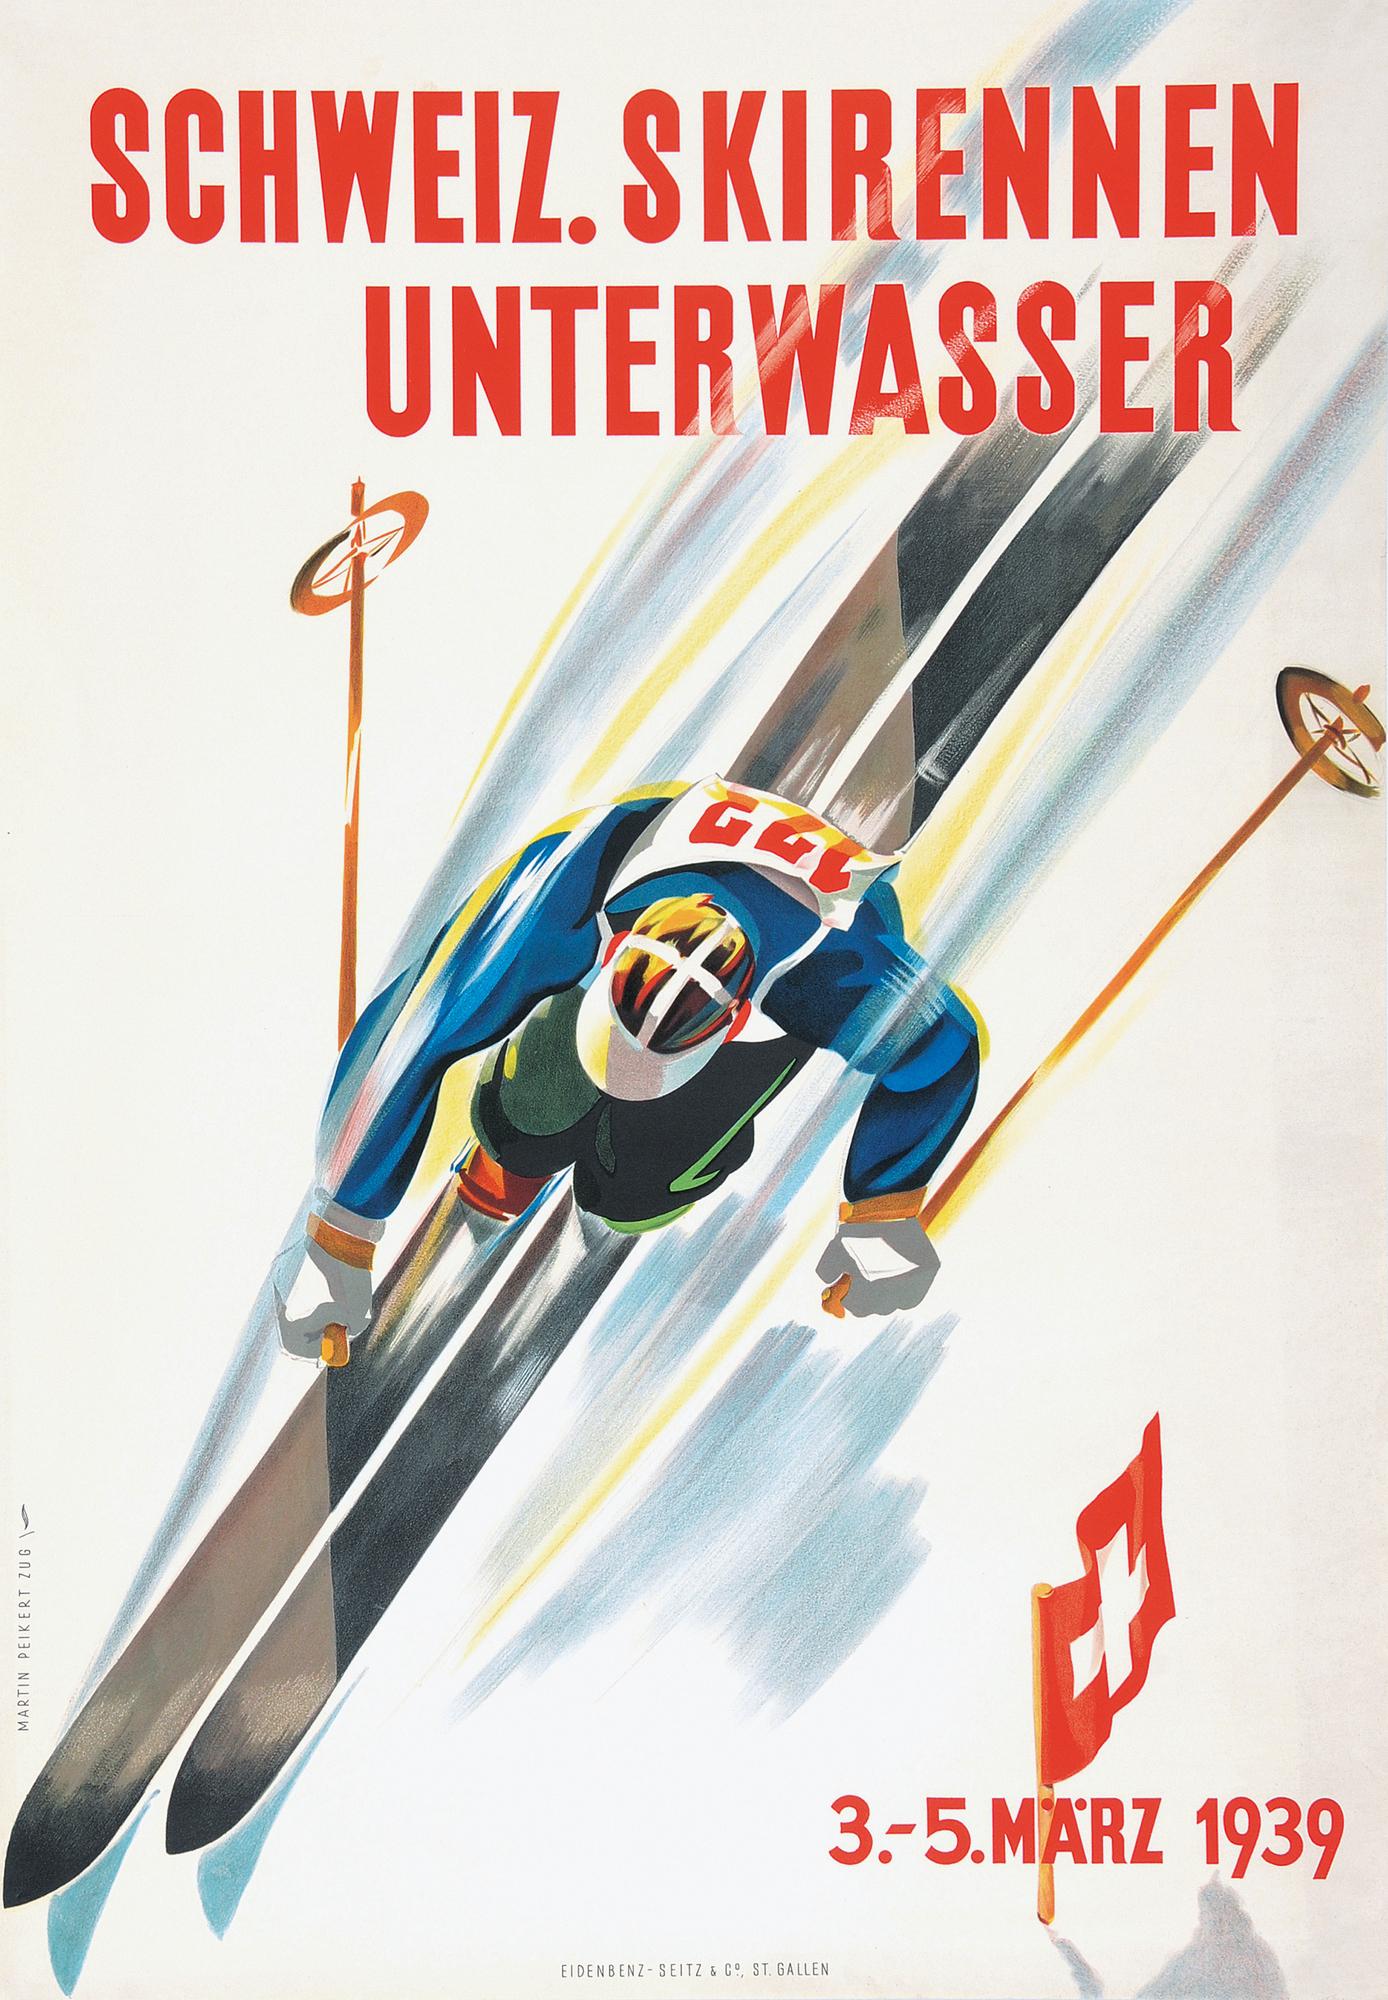 Peikert Martin, Switzerland. Skirennen Unterwasser